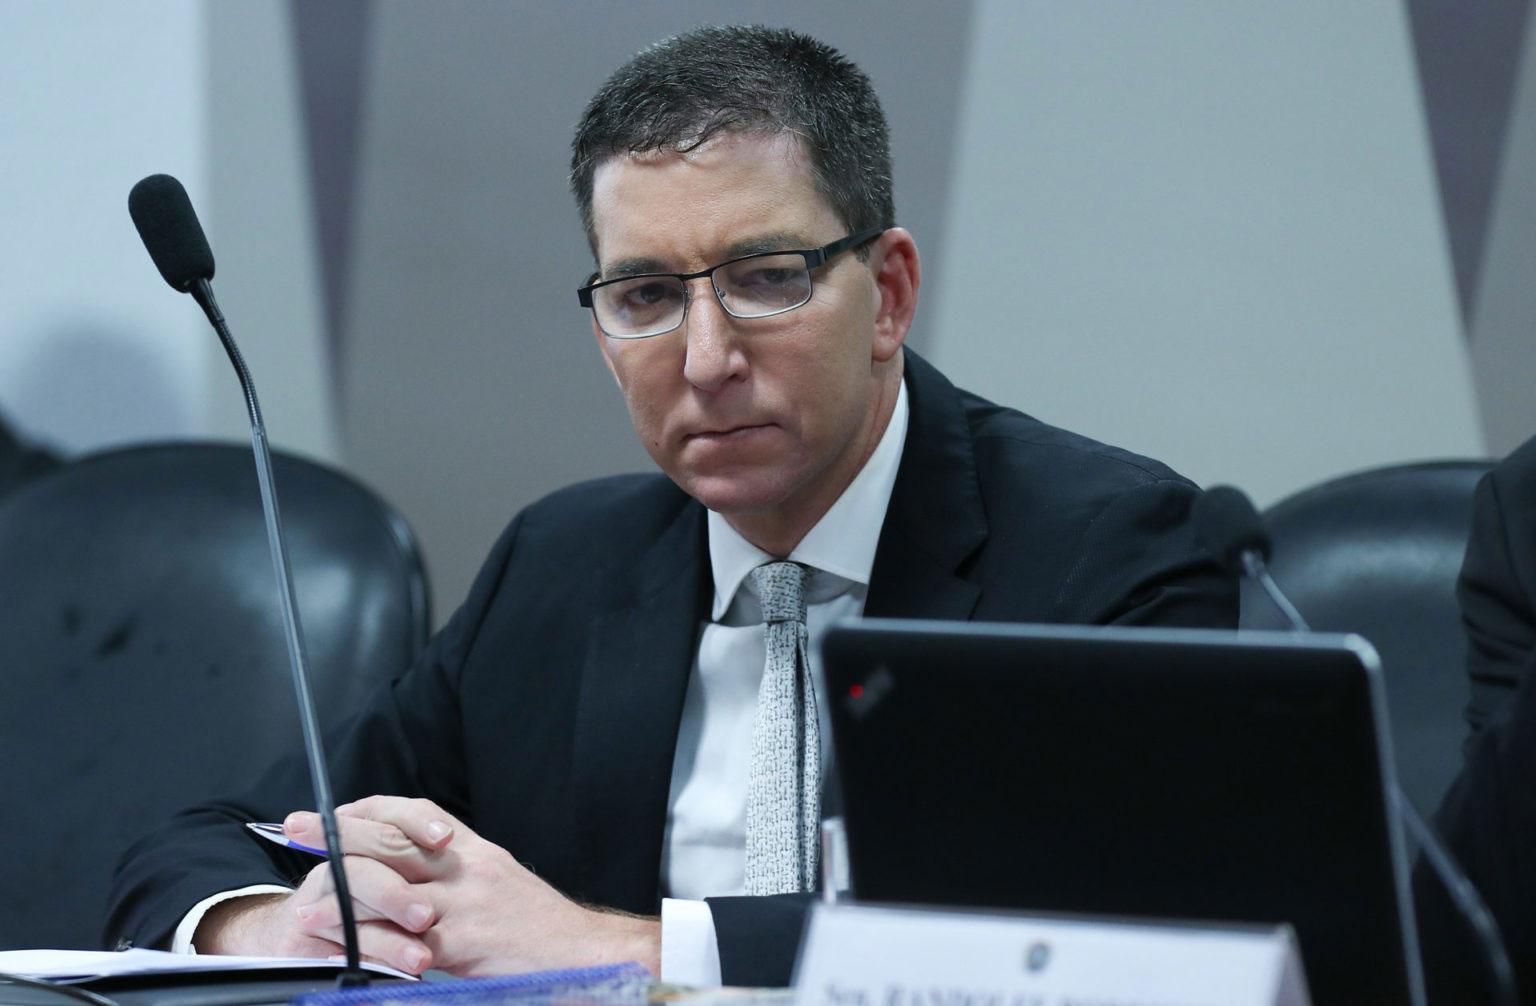 Glenn Greenwald foi denunciado pelo MPF sob o argumento de que ele orientou hackers. O jornalista não tinha sido investigado ou indiciado na operação Spoofing